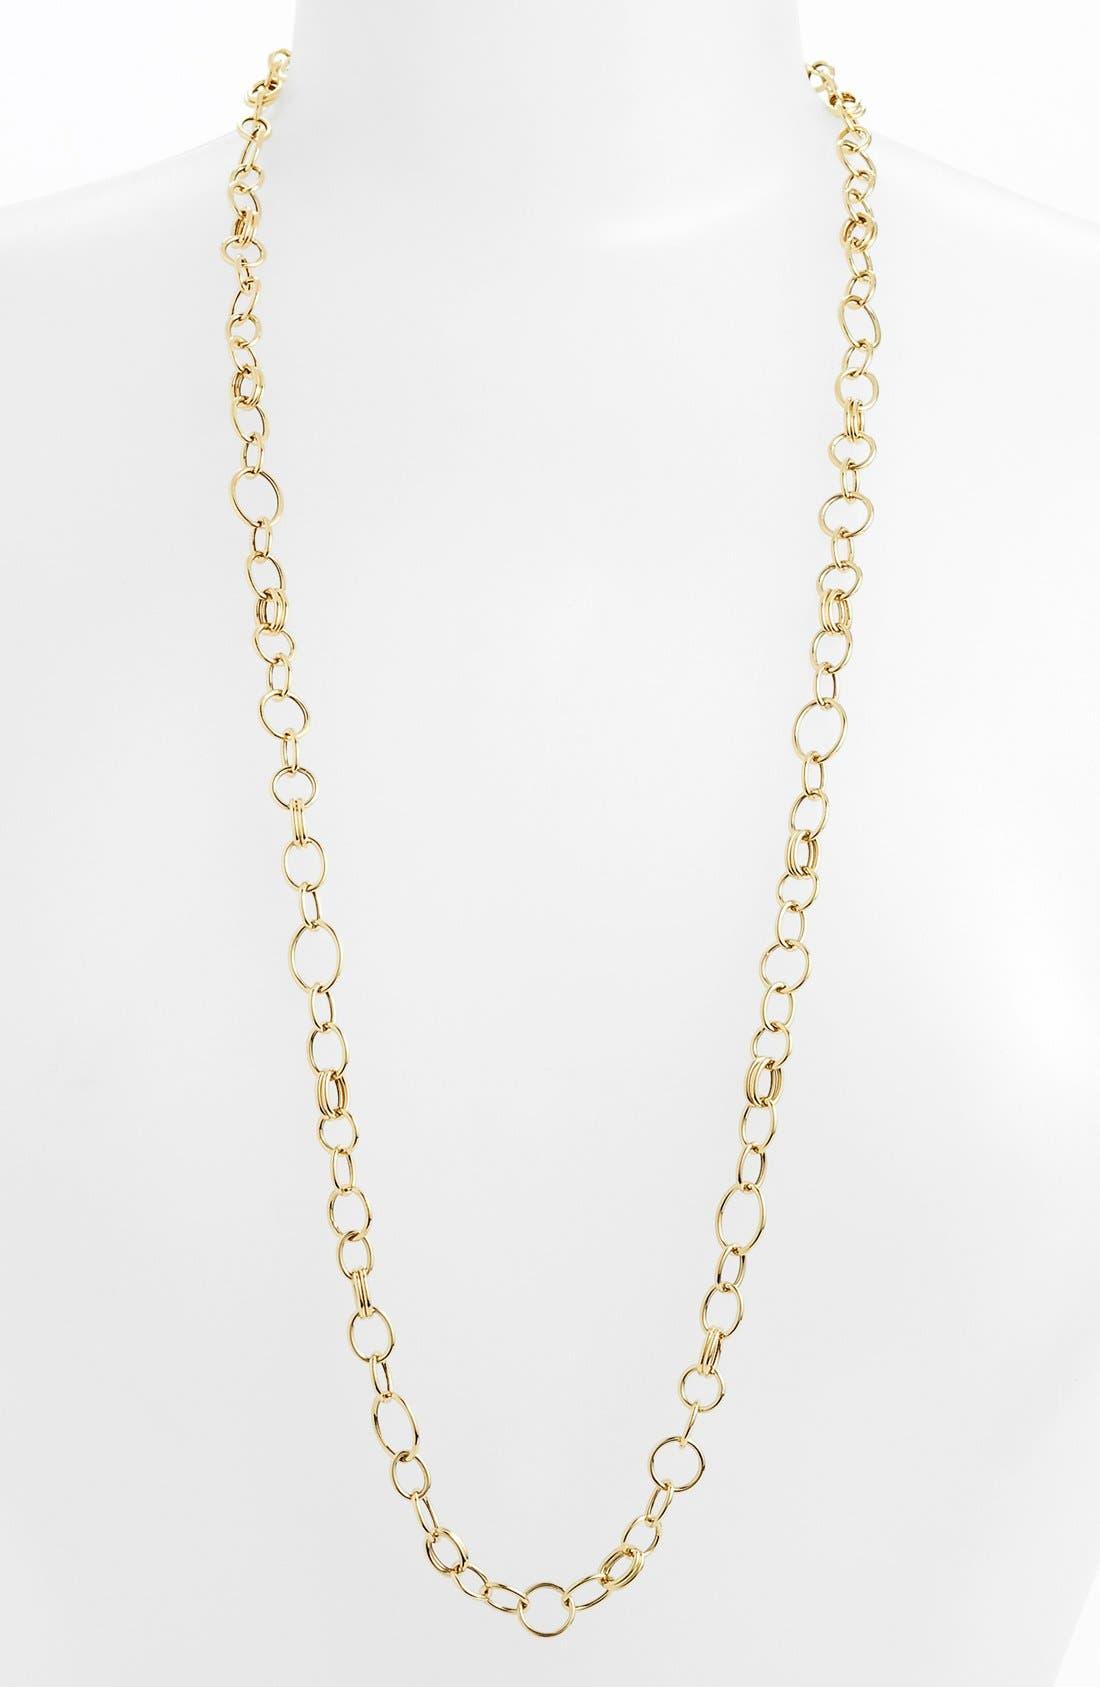 Alternate Image 1 Selected - Ippolita 18k Gold Long Link Necklace